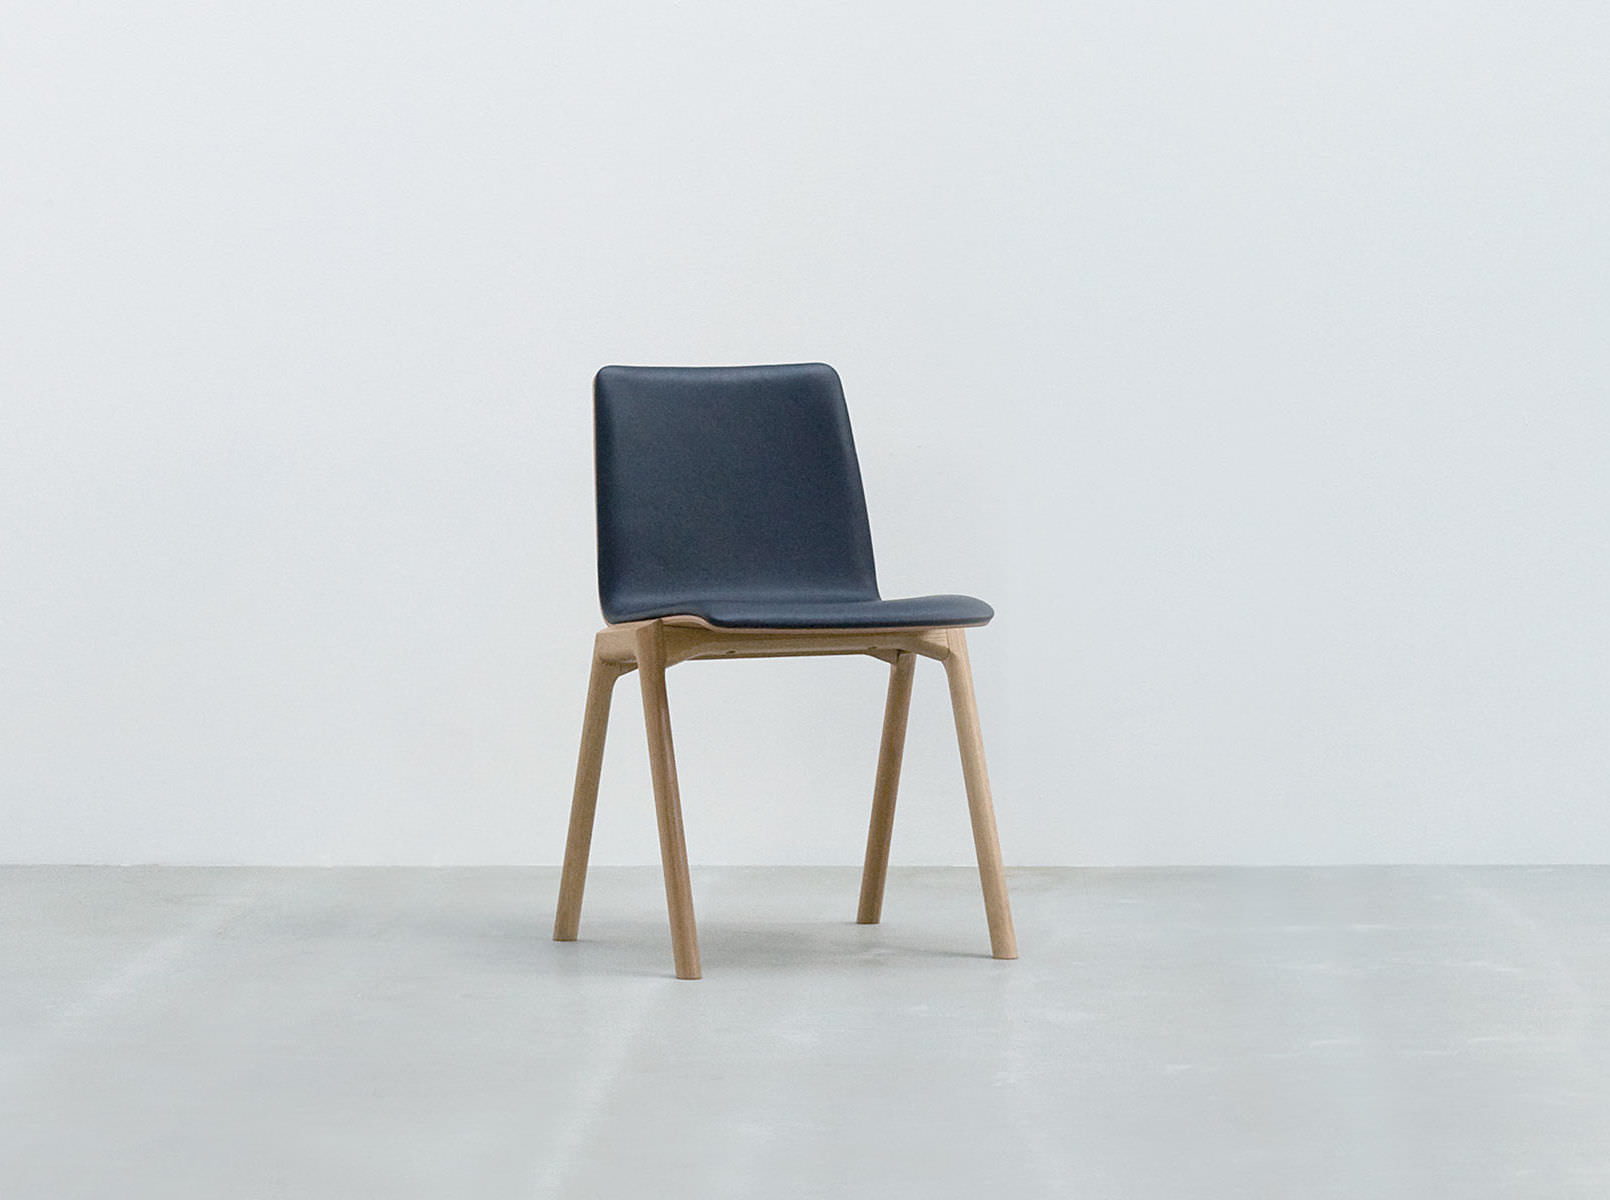 chair for church